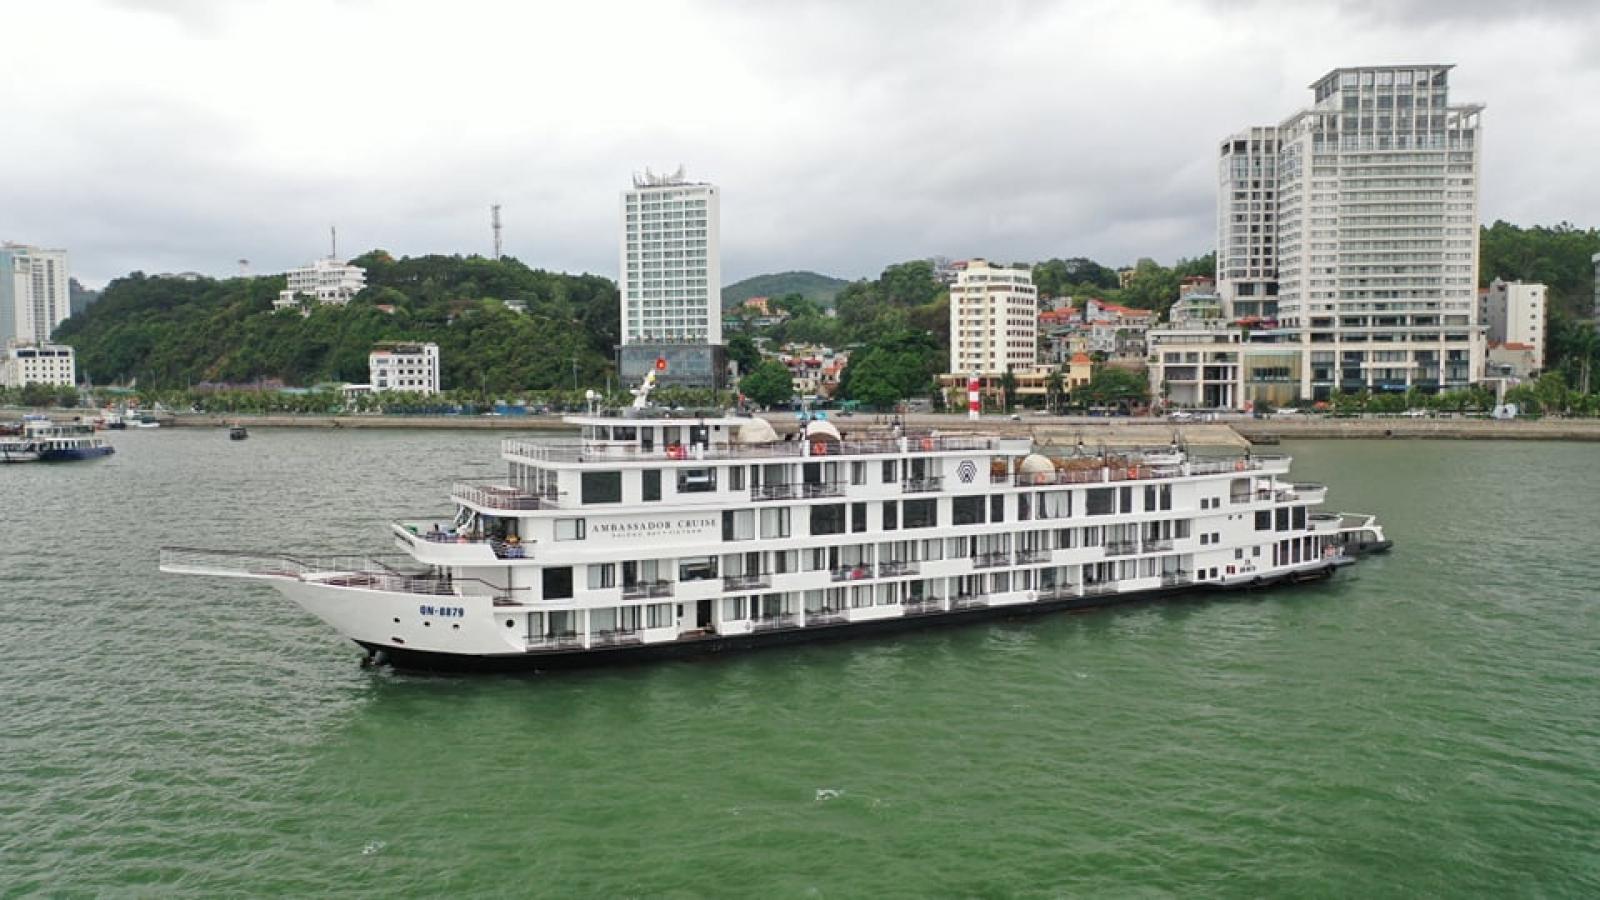 Quảng Ninh: Hơn 450 khách trên tàu Ambassador Cruise được theo dõi y tế